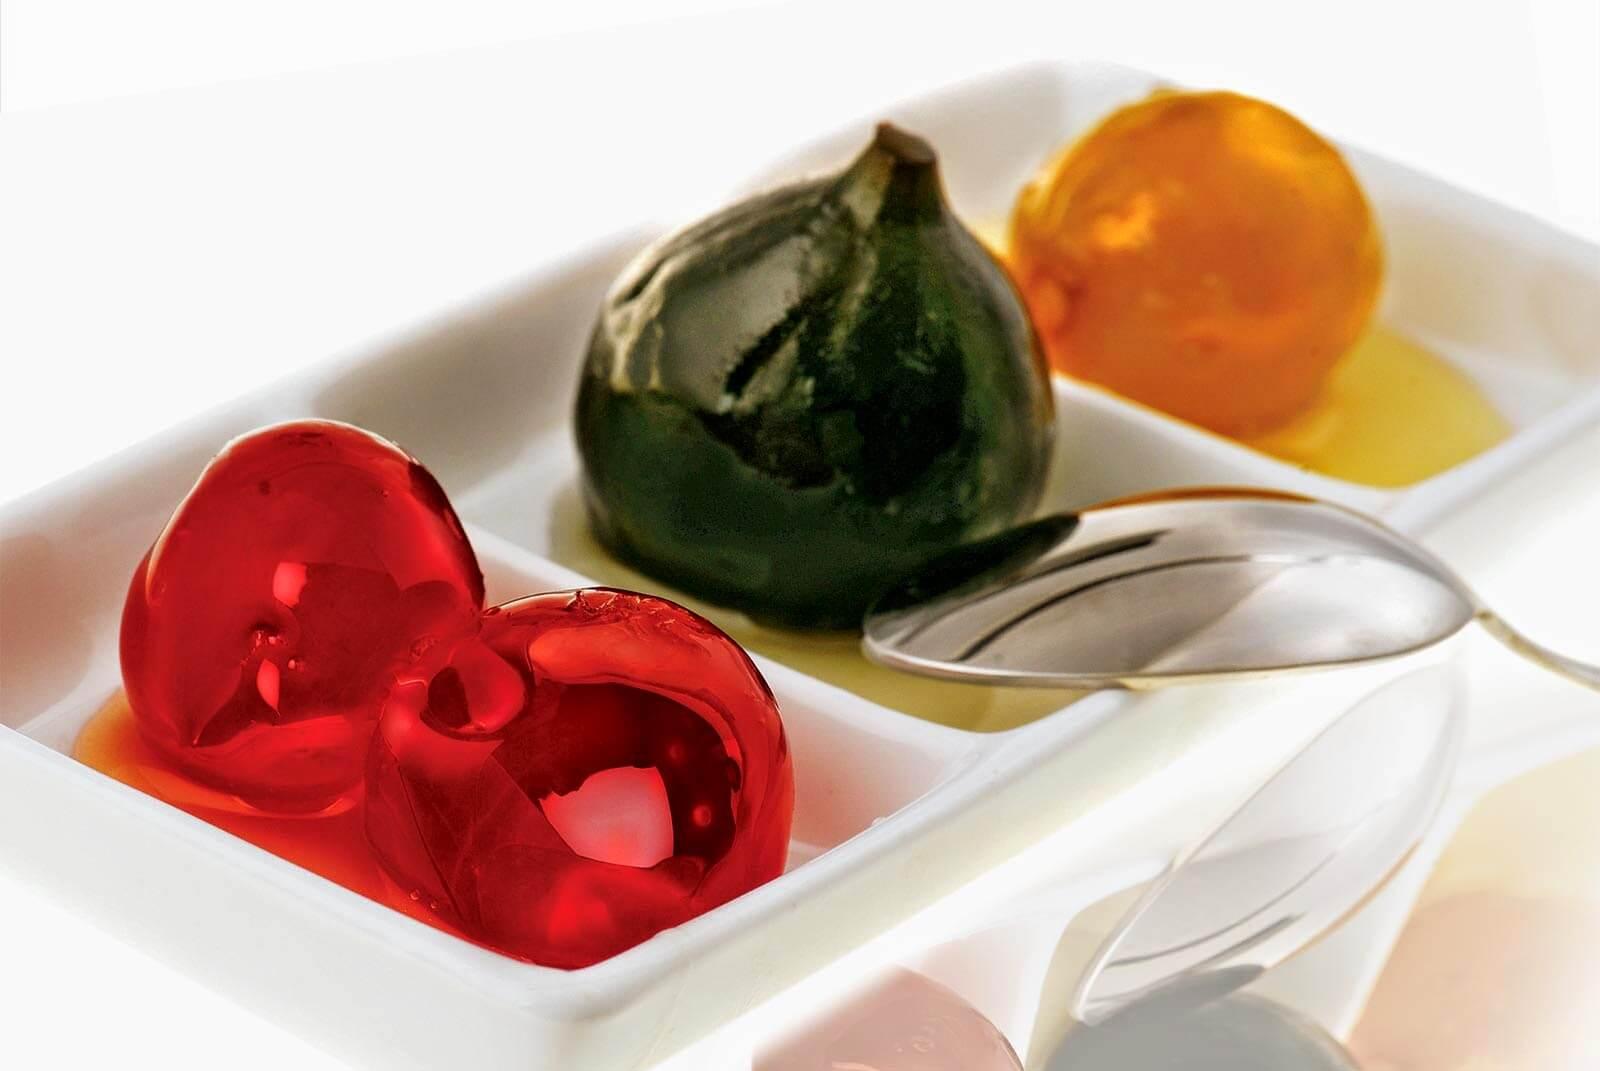 Τα κλασικά αλλά και τα πιο... πρωτότυπα γλυκά του κουταλιού!